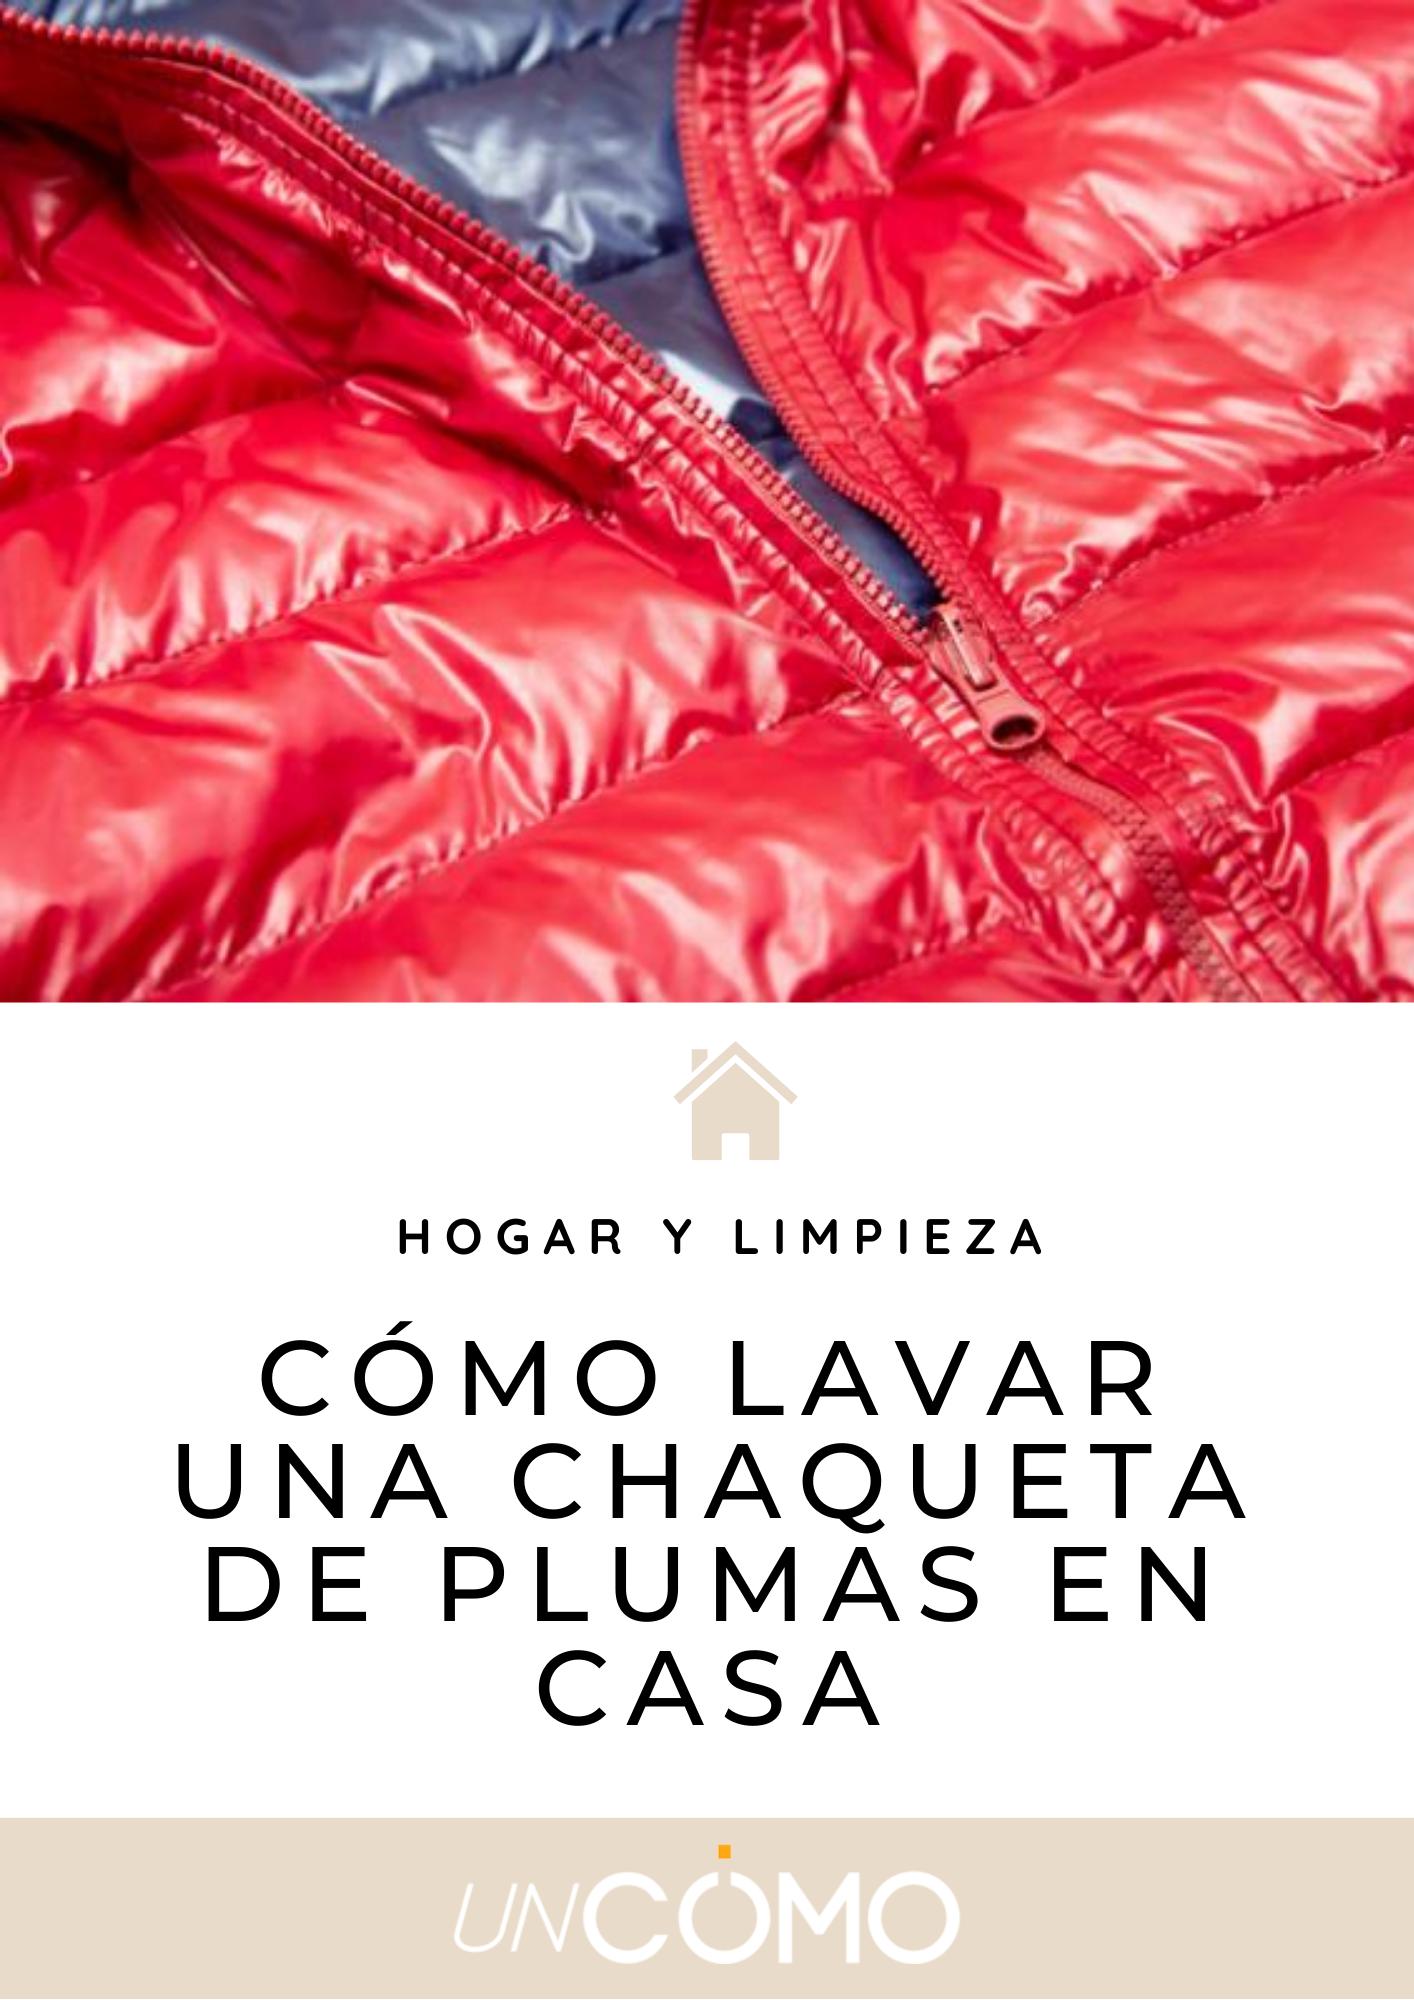 Cómo Lavar Una Chaqueta De Plumas En Casa Paso A Paso Eficaz In 2021 Red Leather Jacket Tips Leather Jacket